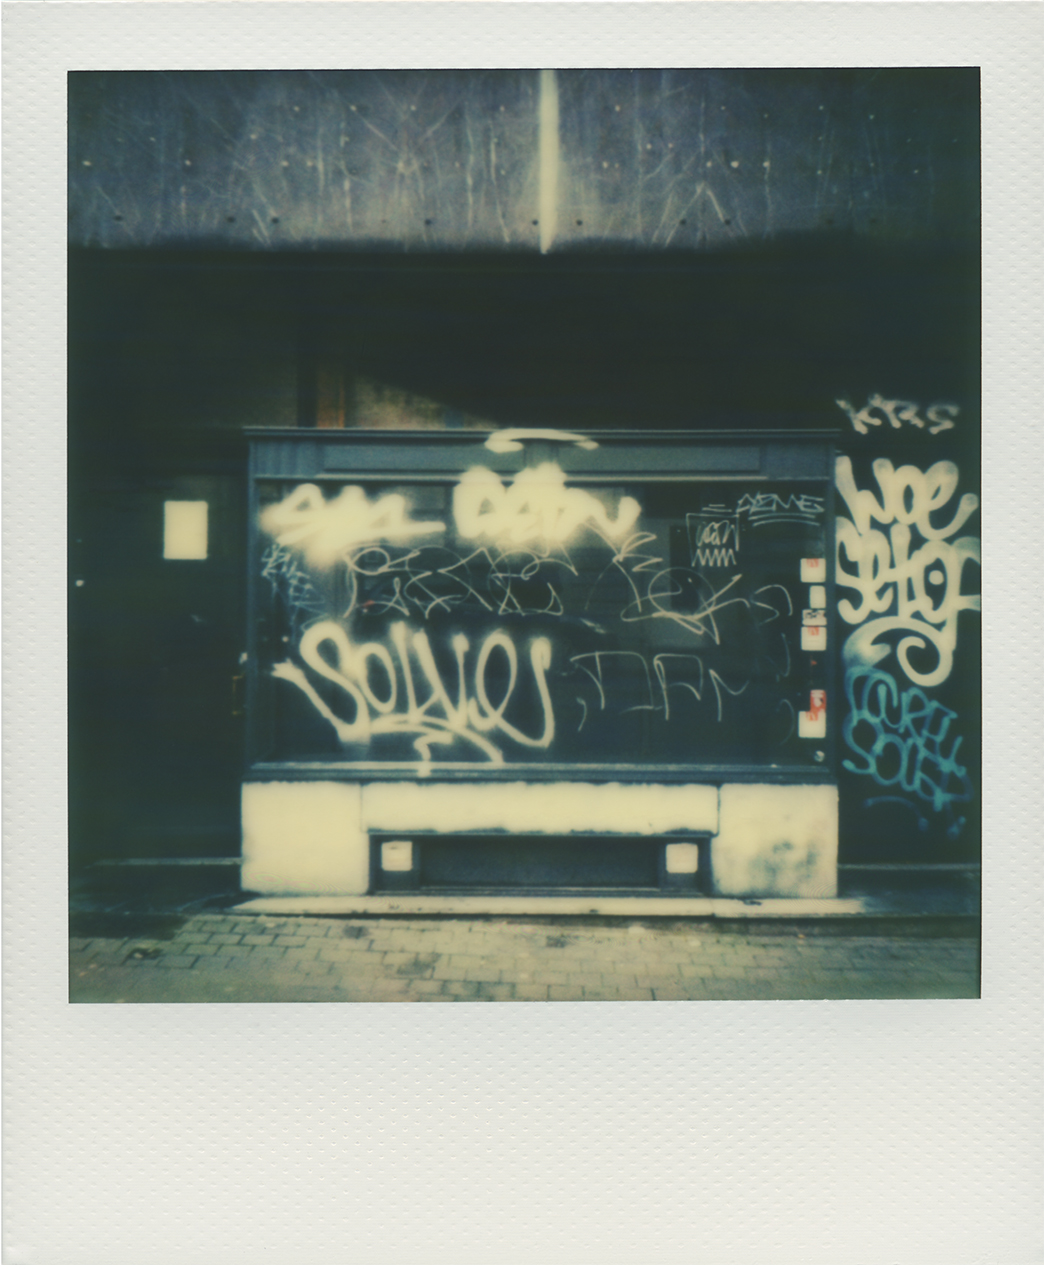 Pola vitrines 05